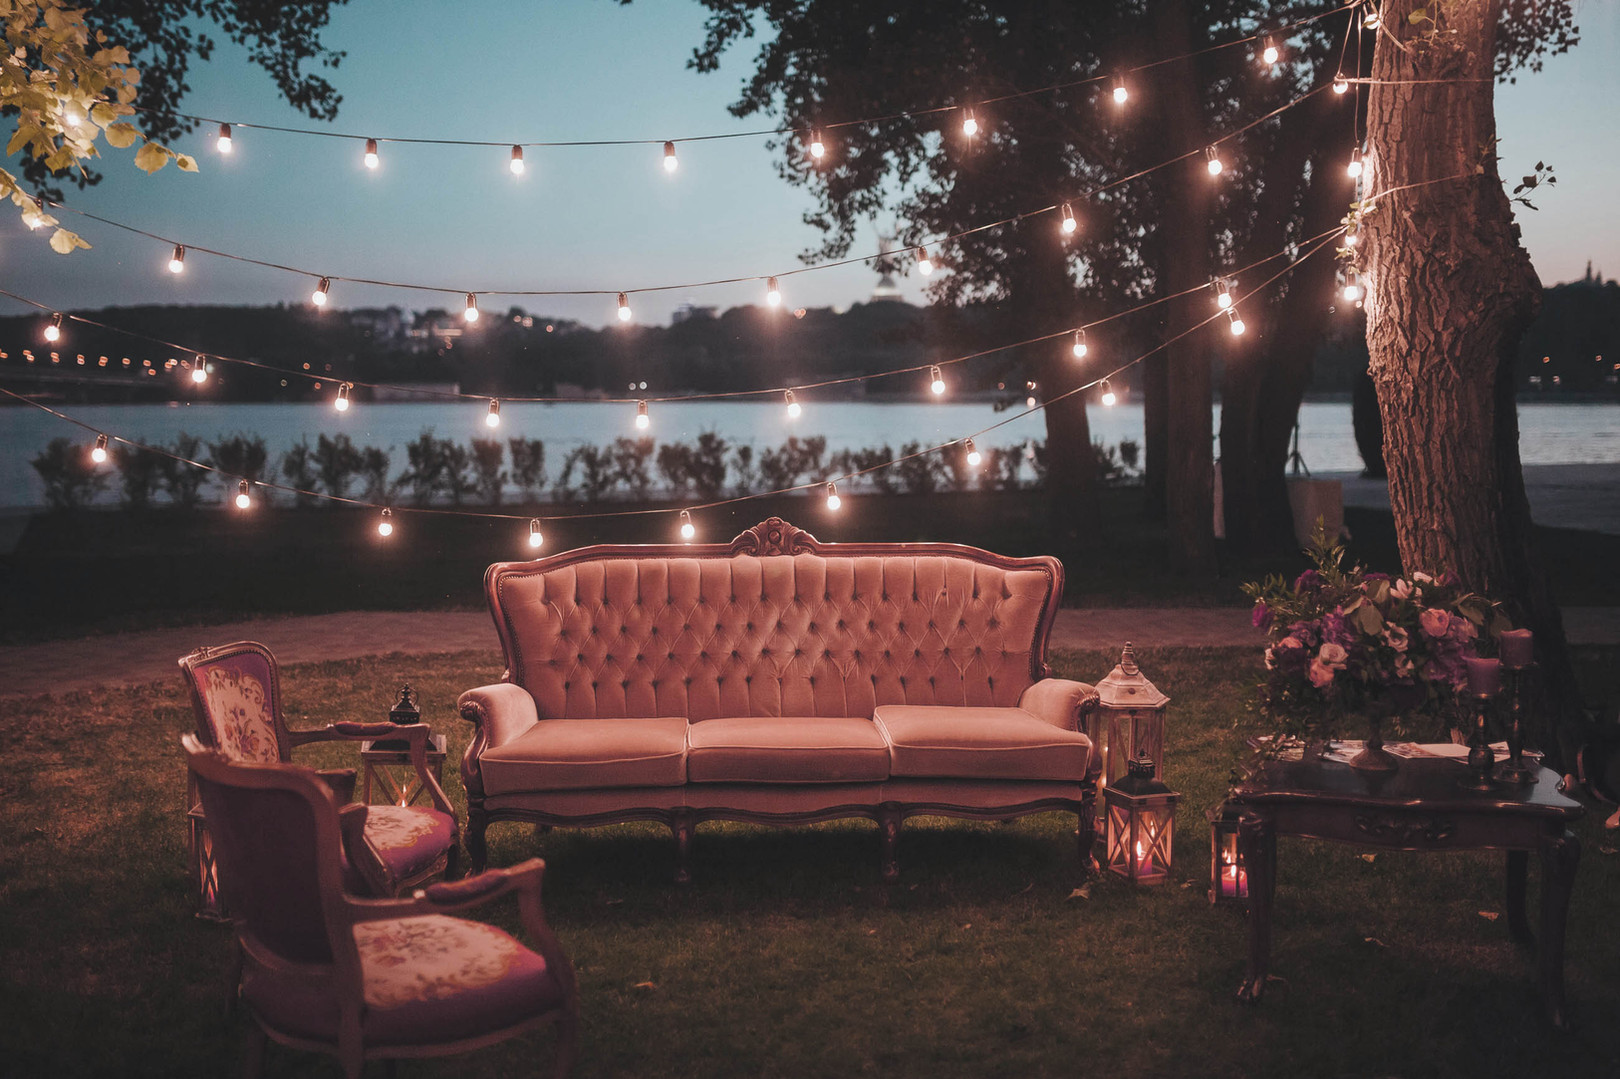 Decorazioni per matrimoni all'aperto